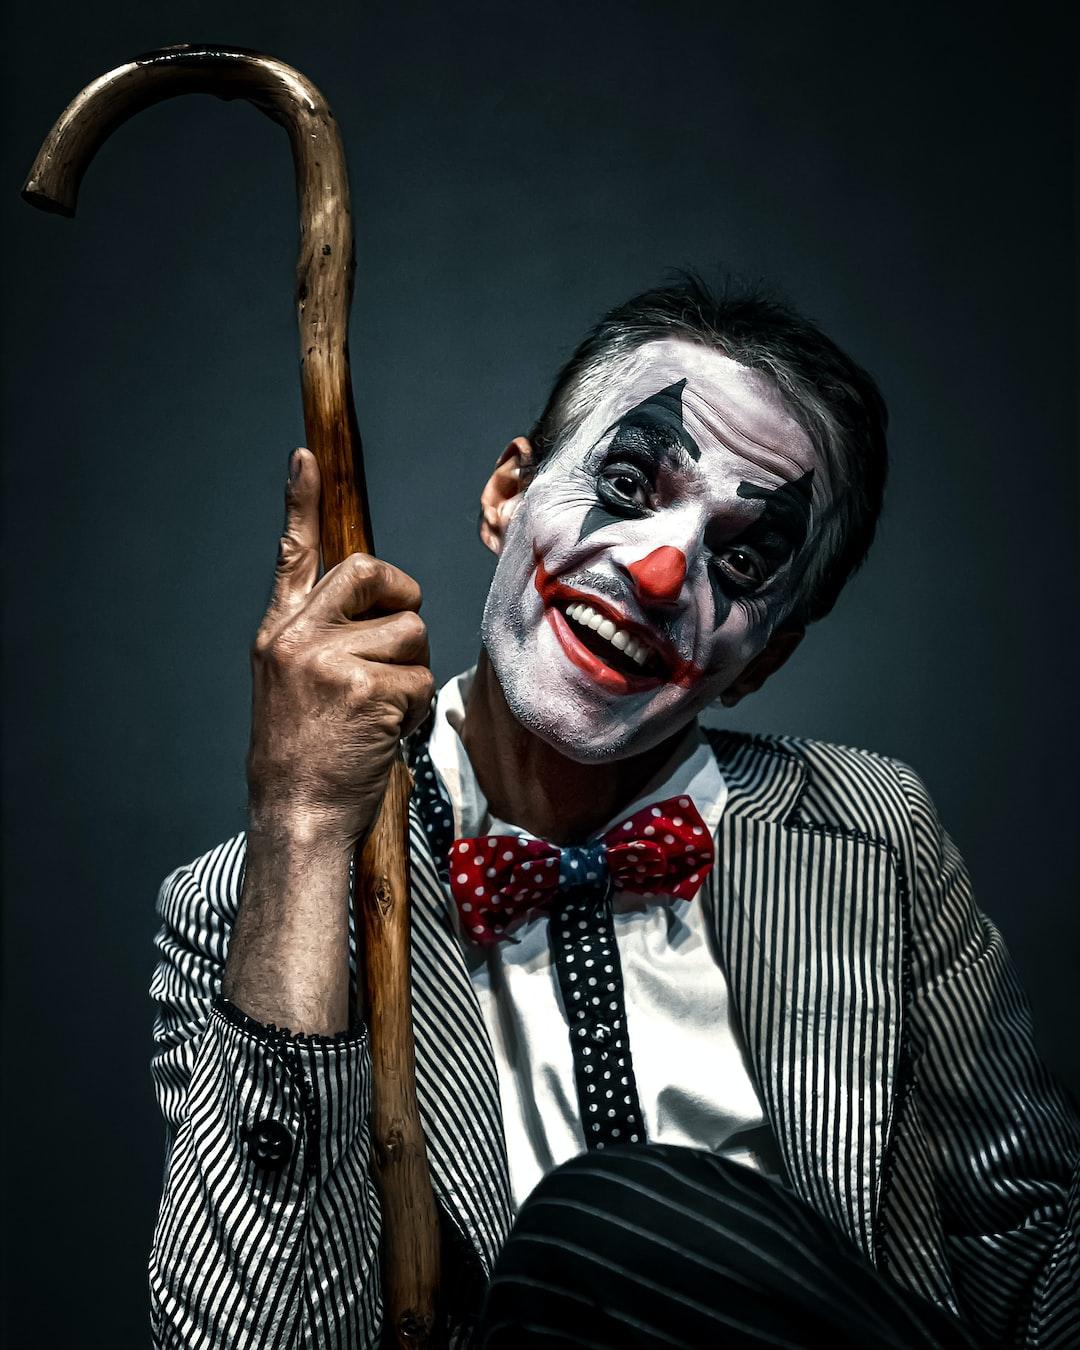 joker _ the clown